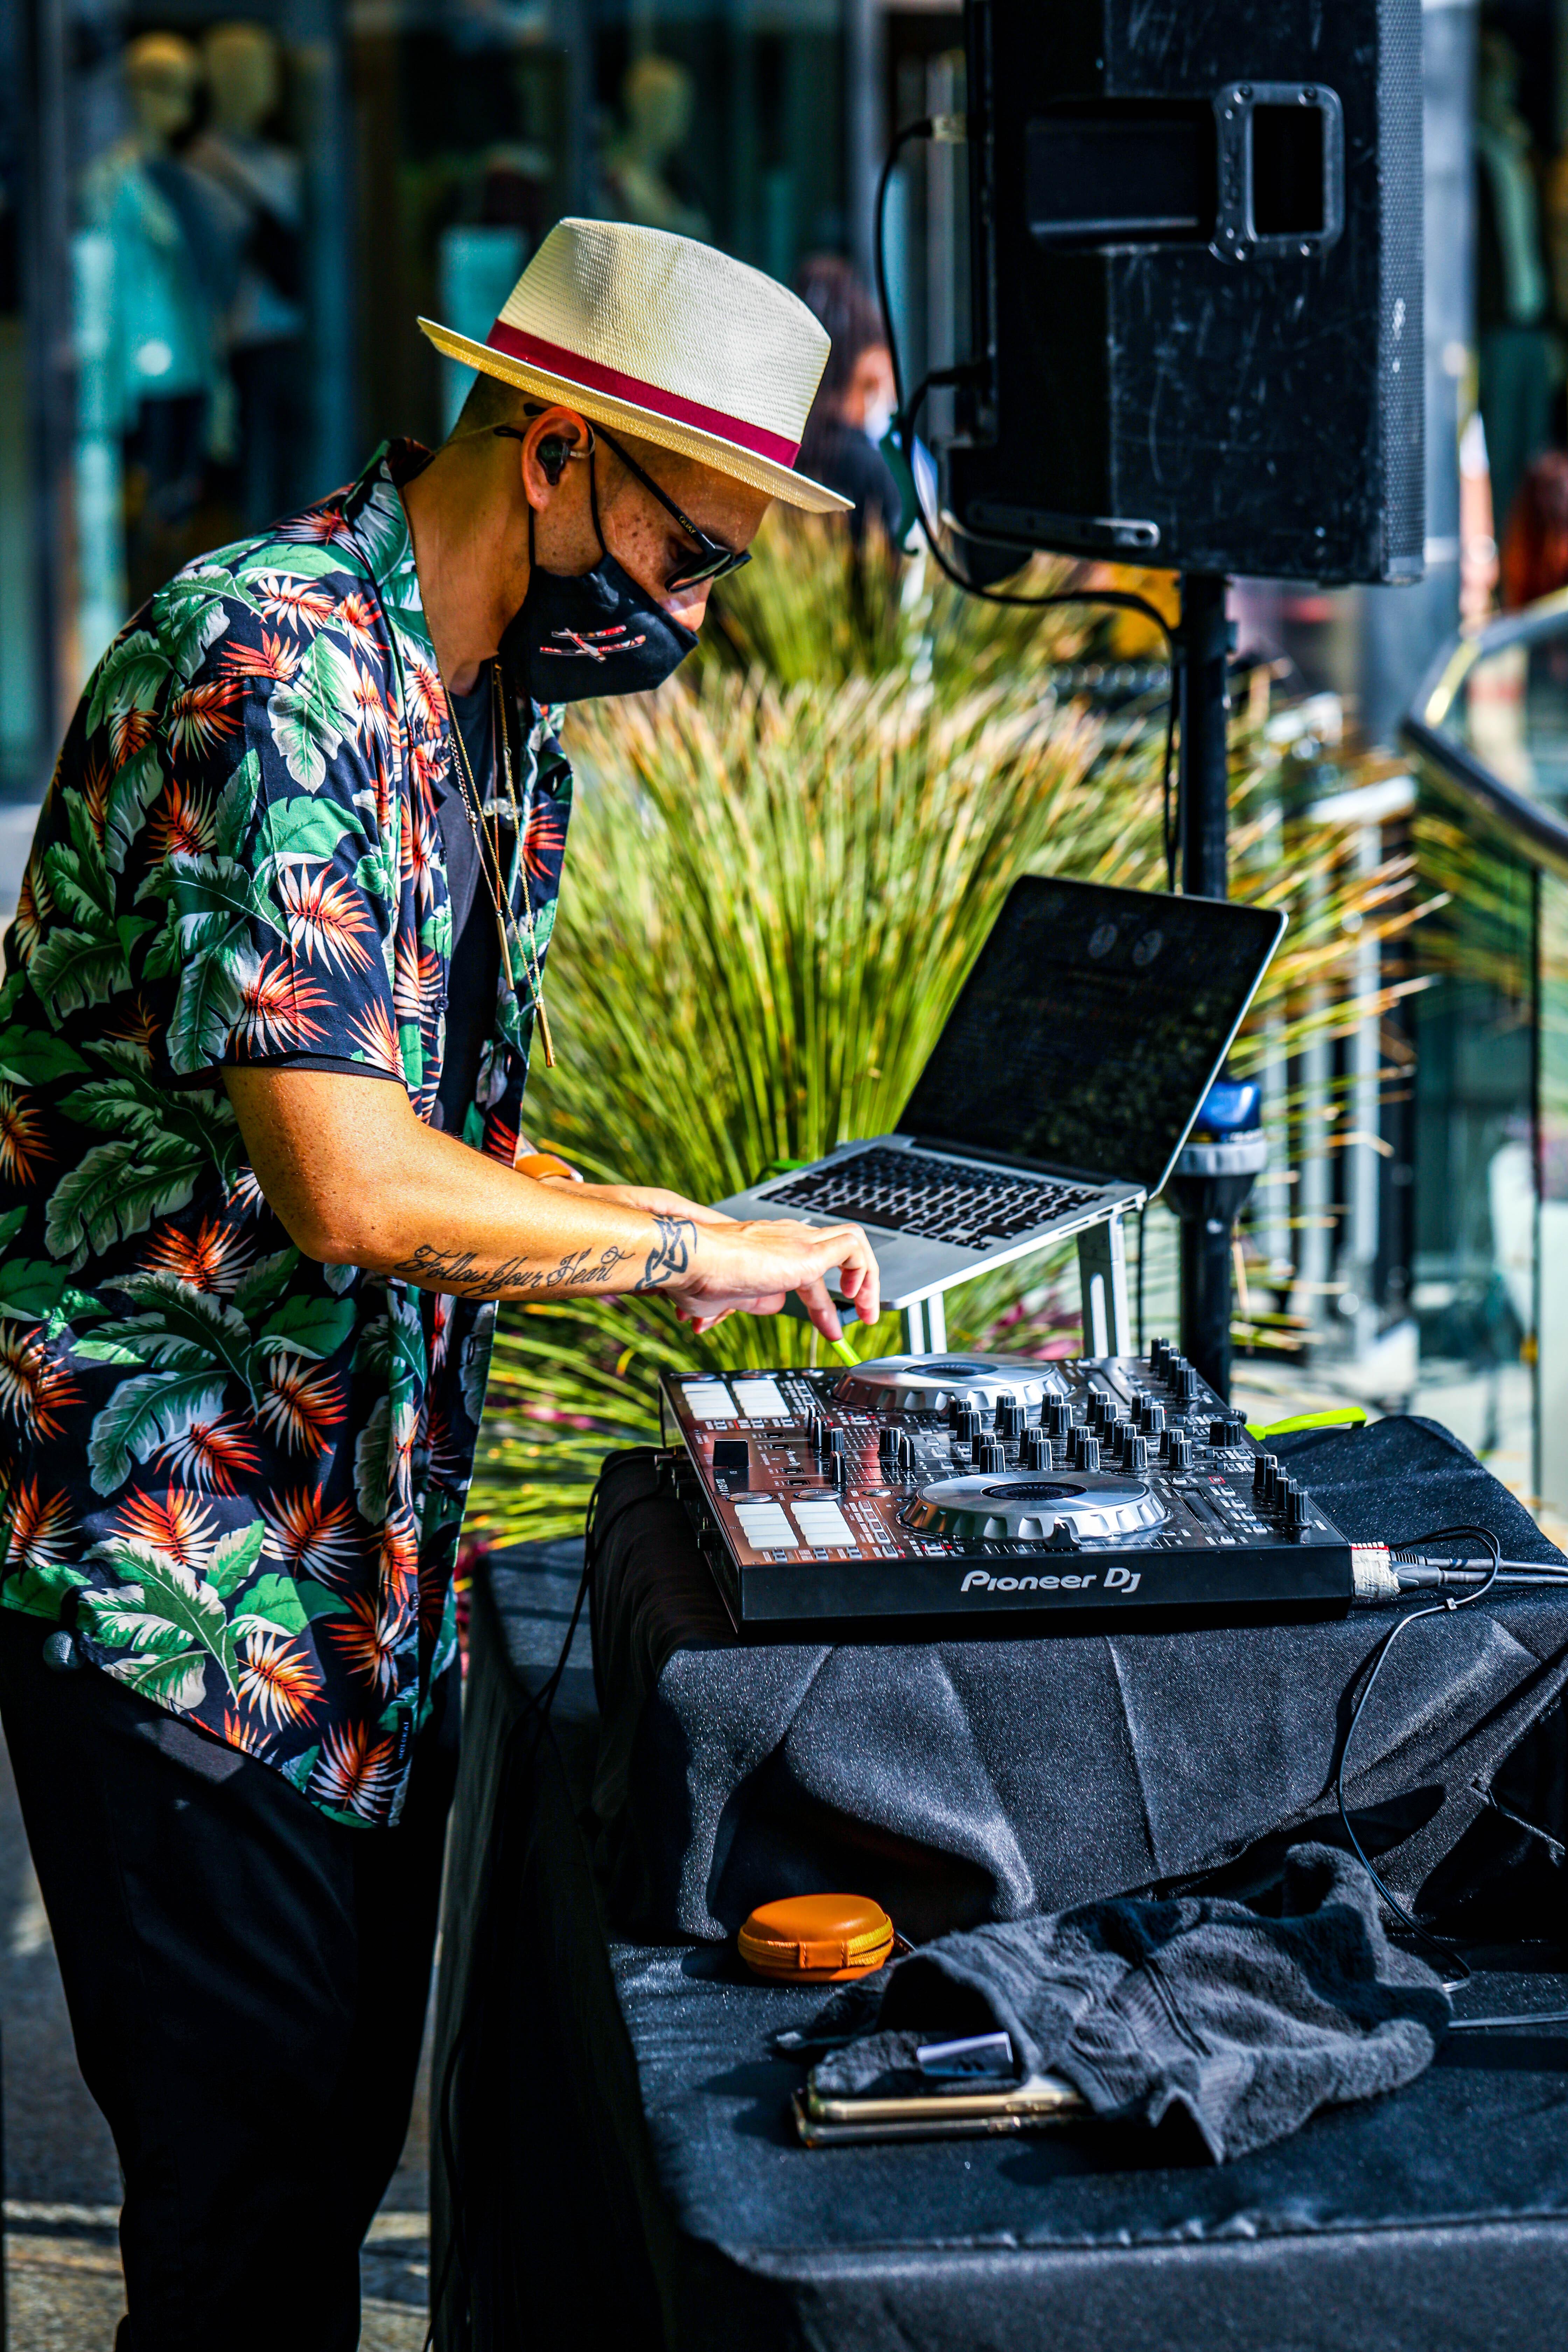 Tatooed DJ wearing hat, smiling at turntable